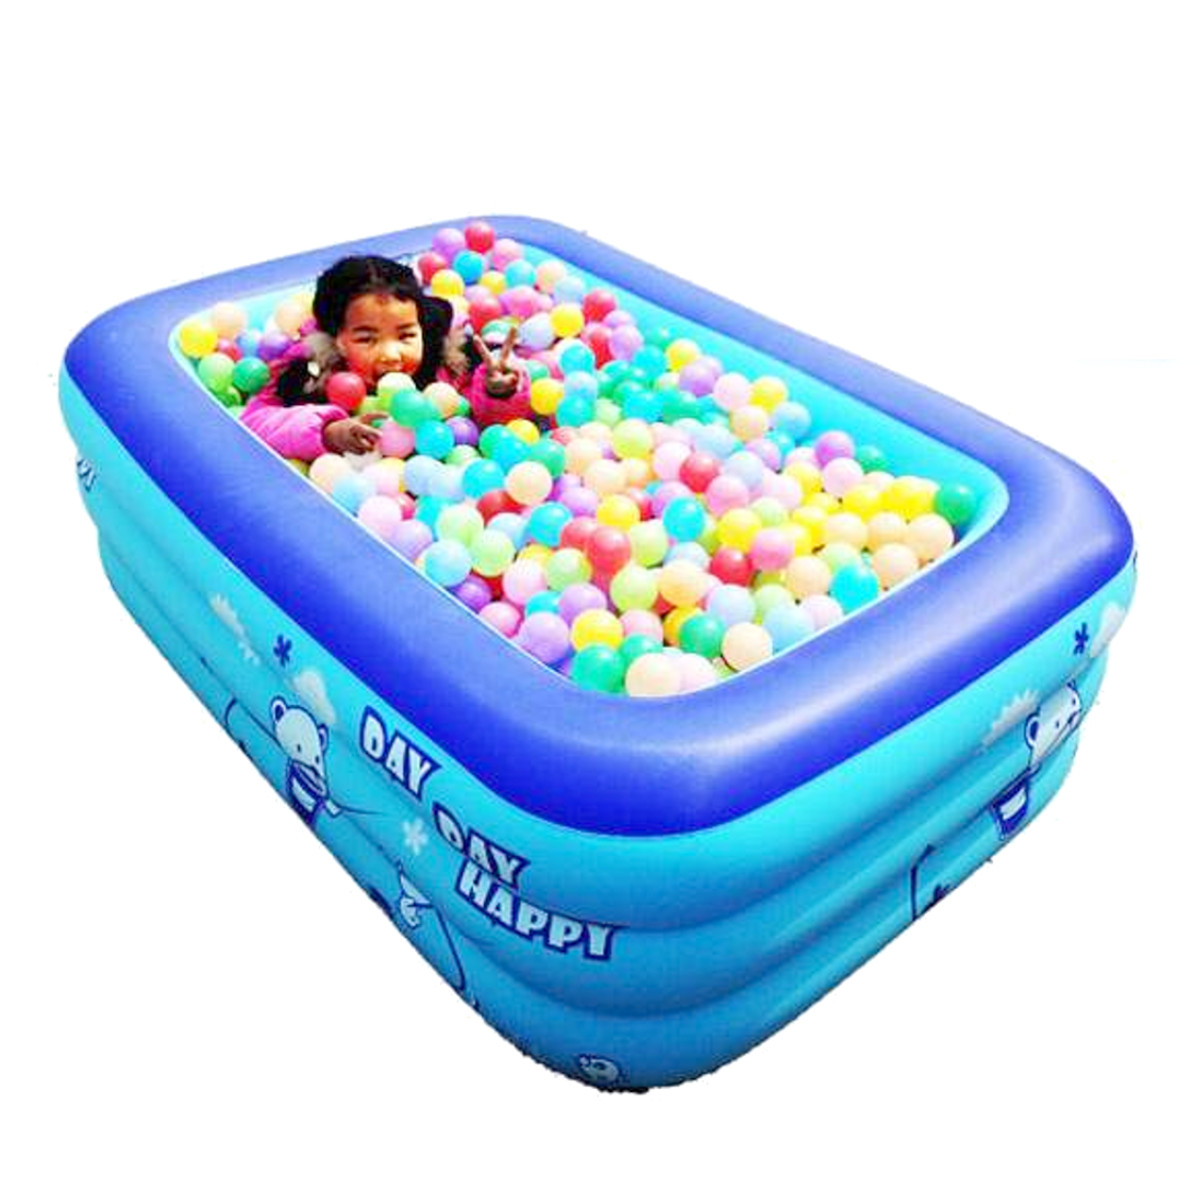 120/130/150 Cm Kinder Badewanne Baby Zu Hause Verwenden Paddeln Pool Aufblasbare Quadrat Schwimmbad Kinder Aufblasbare Pool Ozean Ball